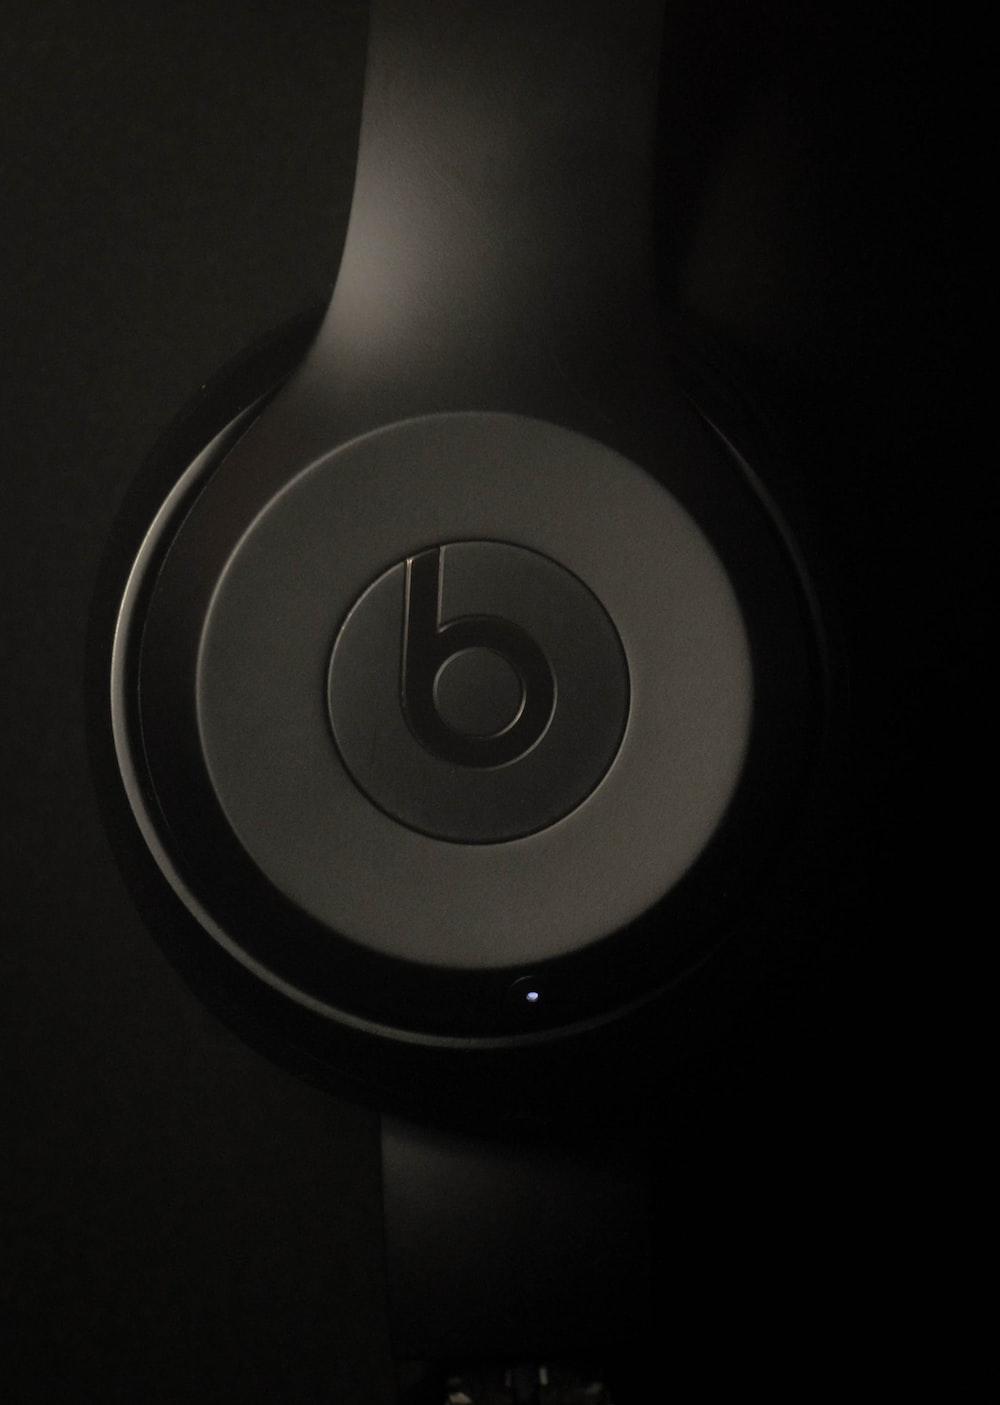 black Beats by Dr. Dre headphones